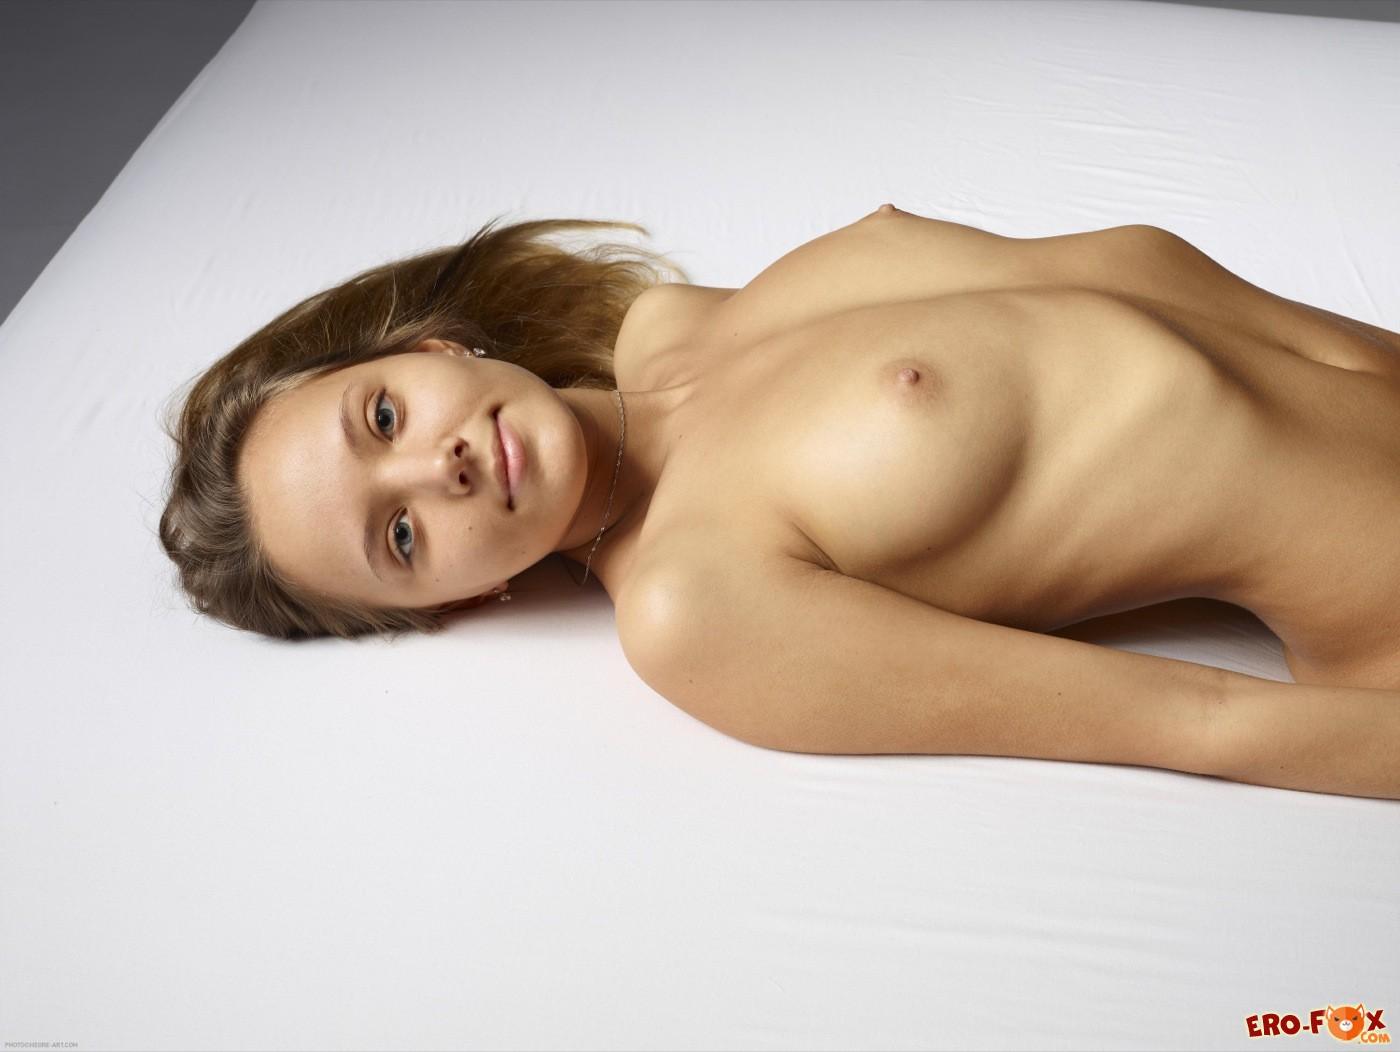 Раздвинув прижала ноги с голой писькой - фото